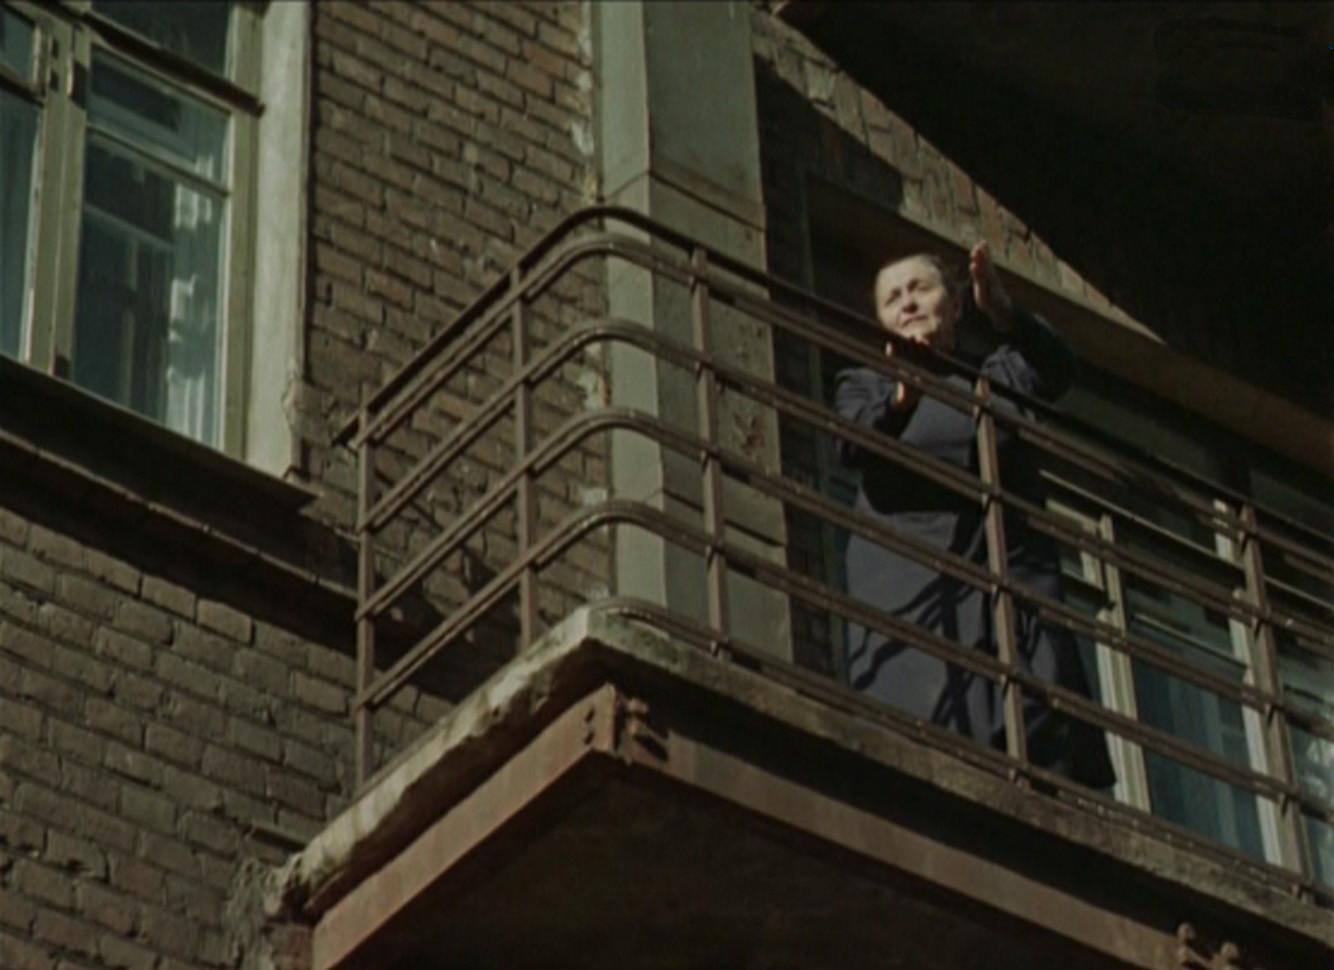 1956 И как всегда в таких случаях, на балконе появляется тётя Соня